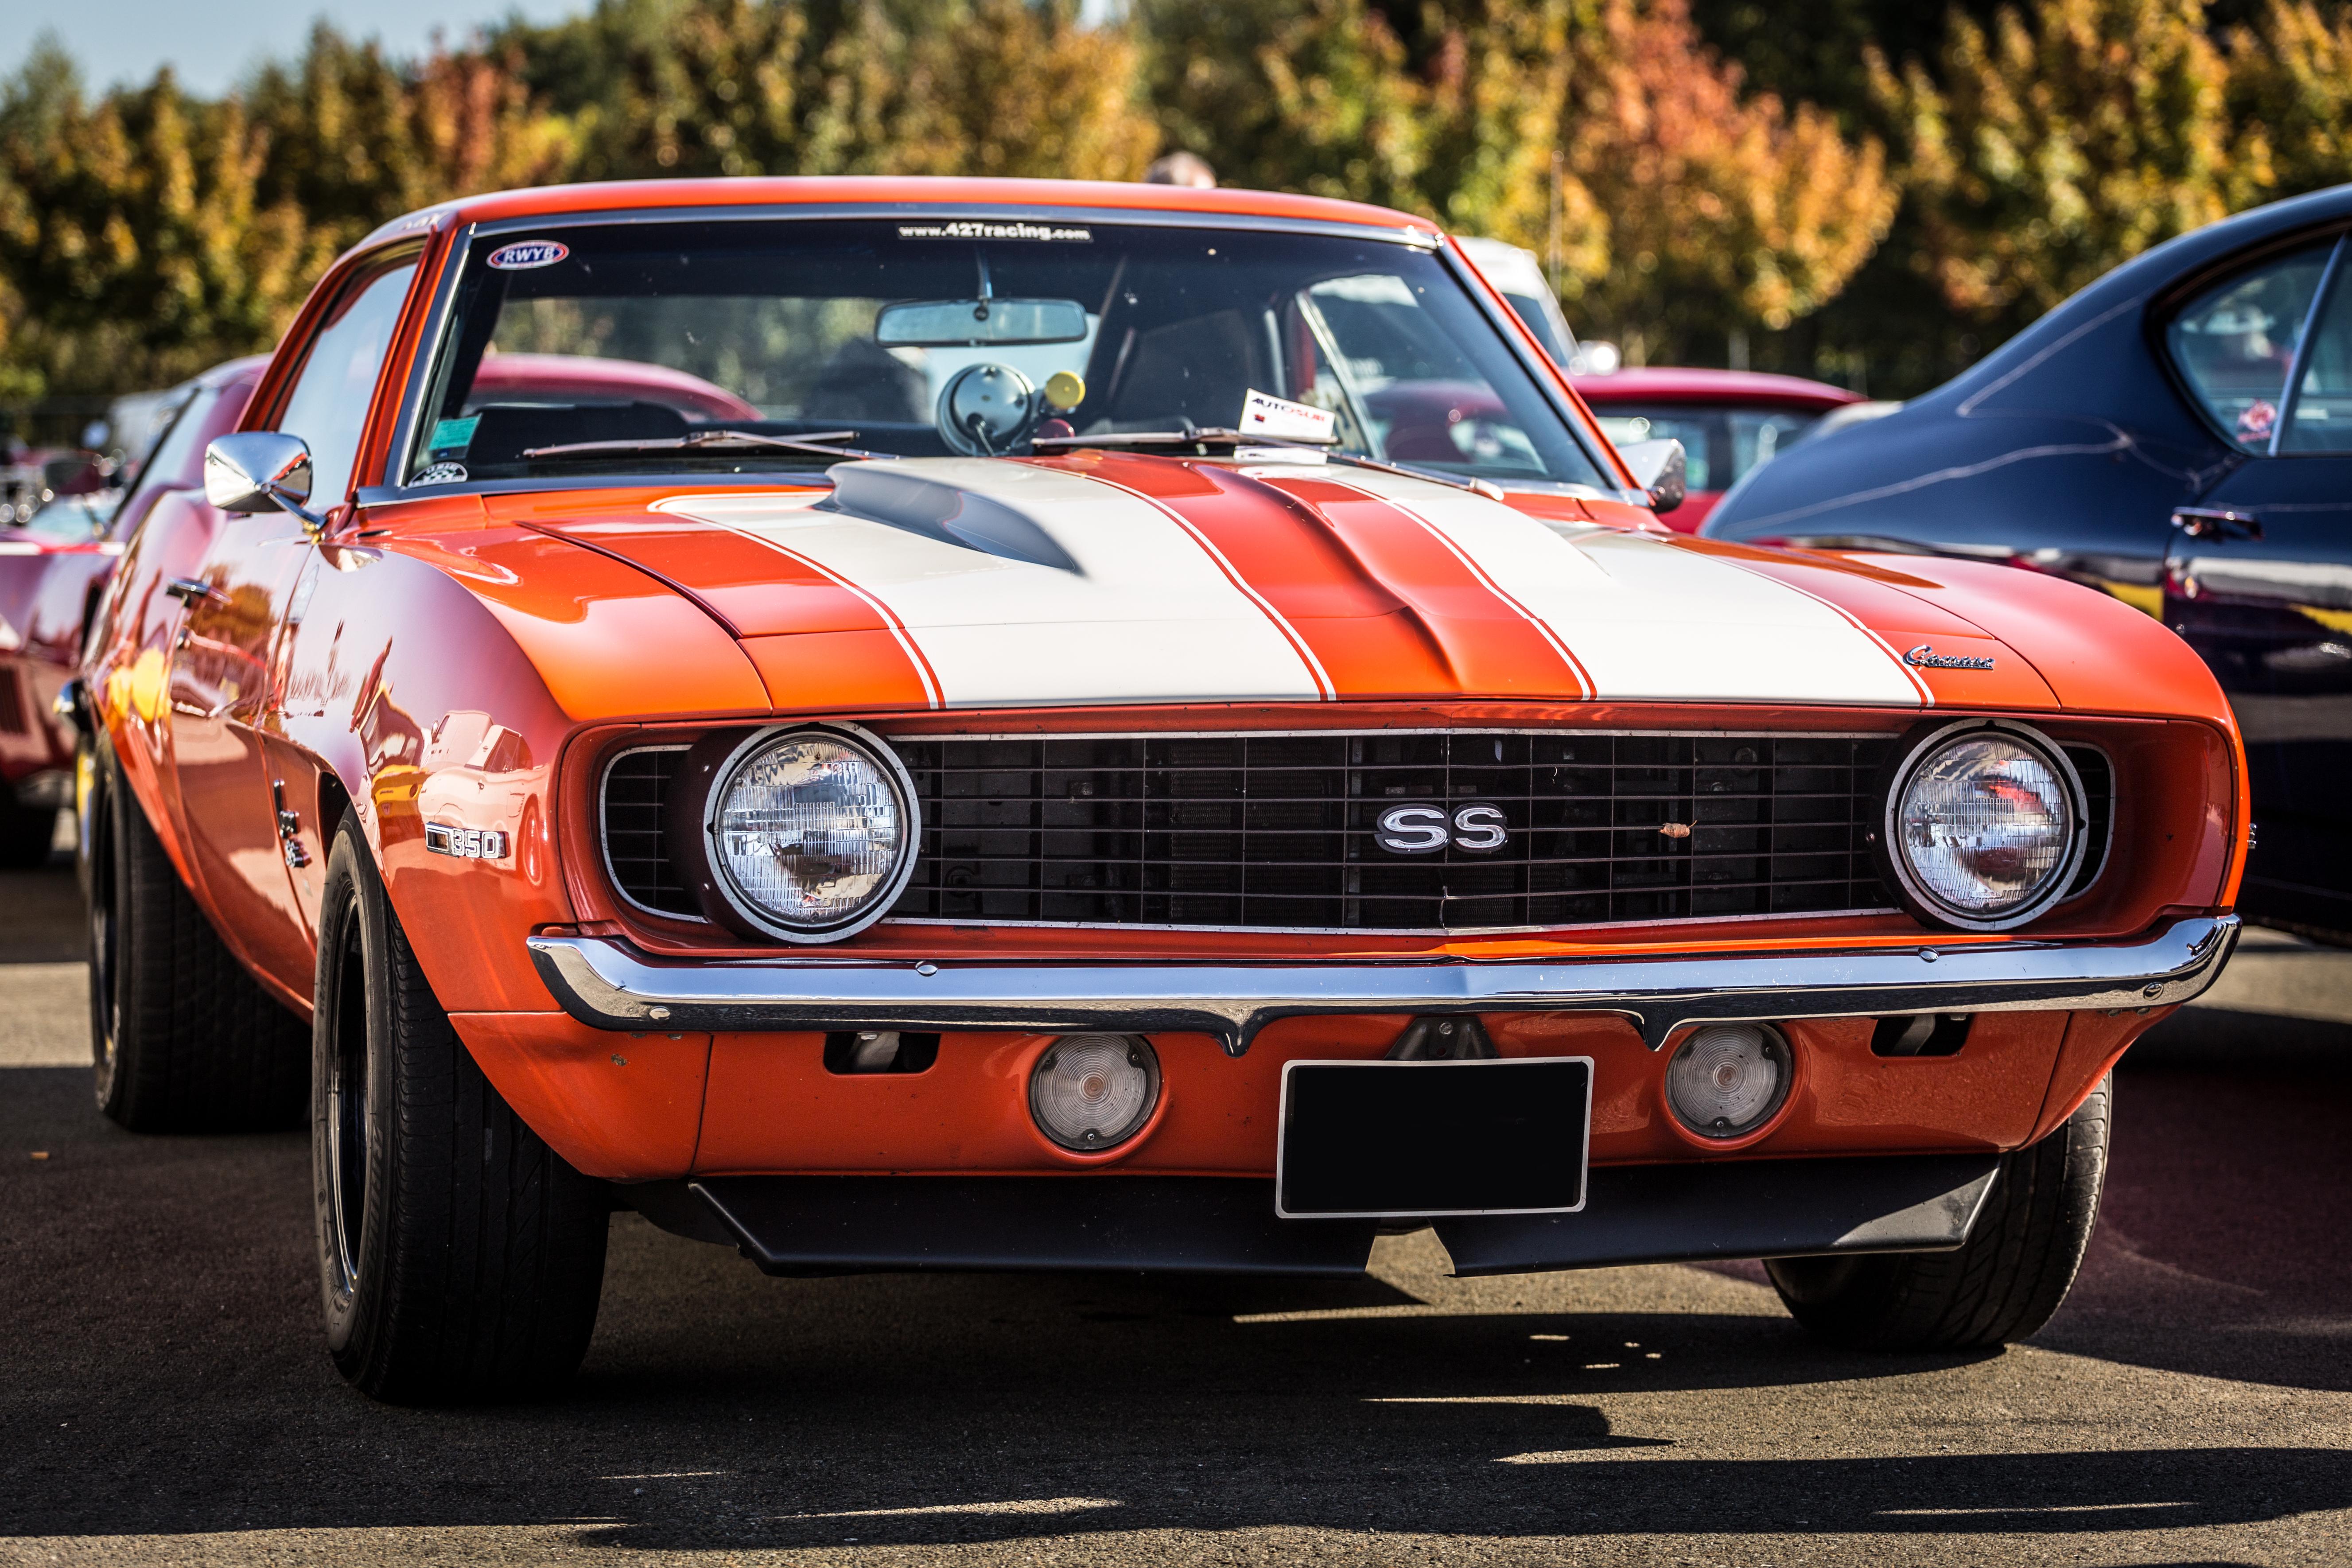 102933 Hintergrundbild 240x400 kostenlos auf deinem Handy, lade Bilder Chevrolet, Cars, Vorderansicht, Frontansicht, Camaro, Ss 240x400 auf dein Handy herunter